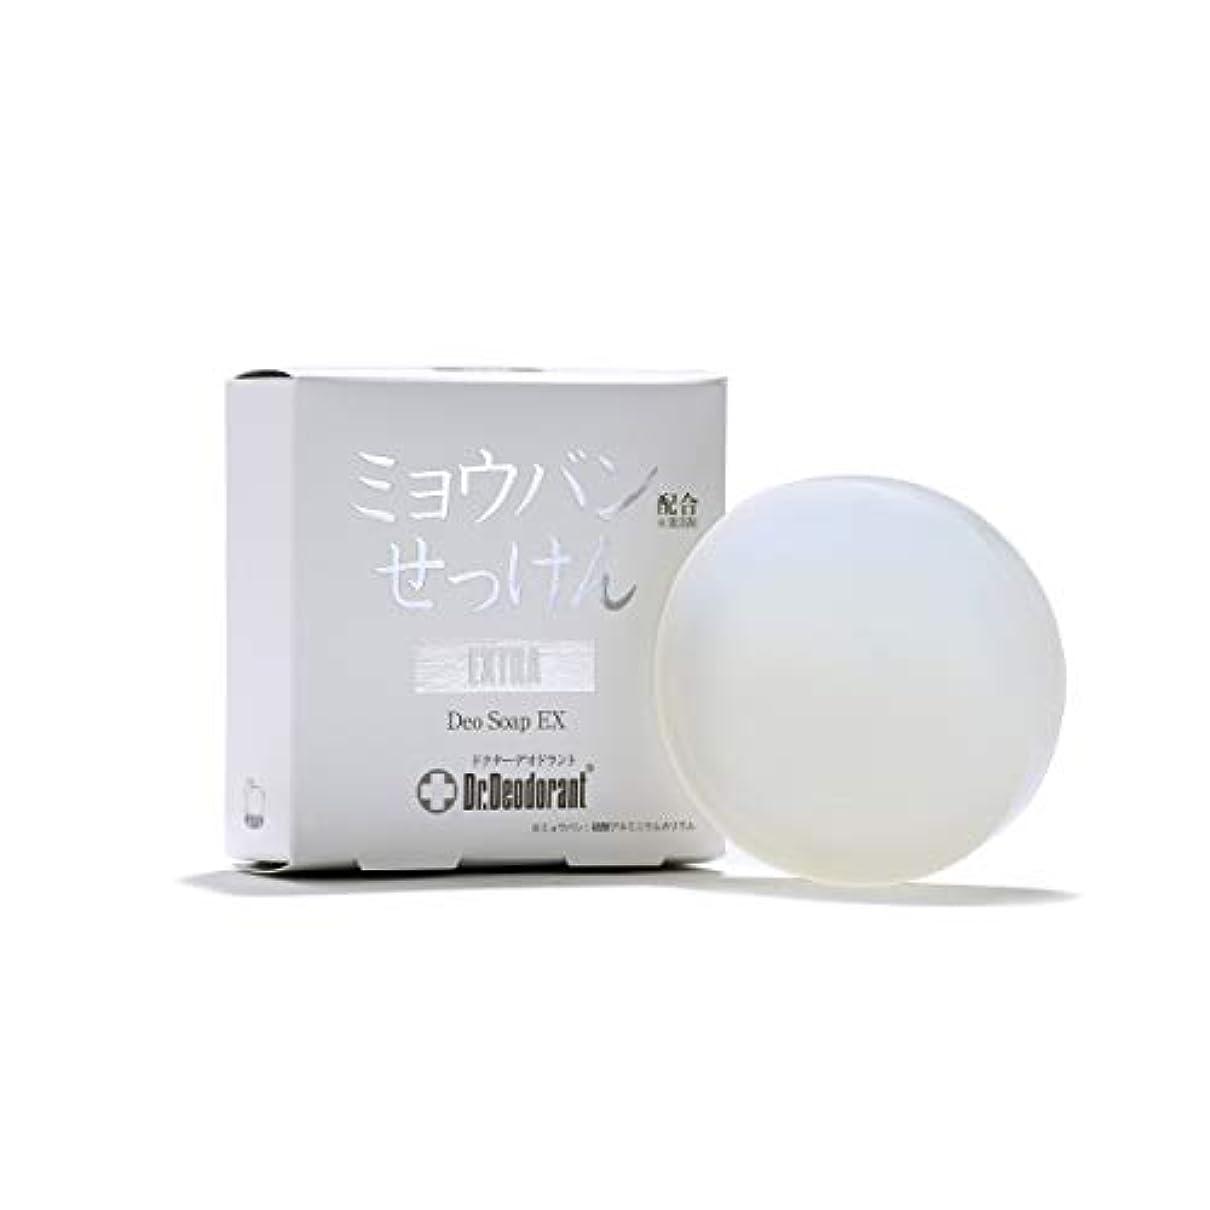 ポスター可動式カウントアップドクターデオドラント 薬用ミョウバンせっけんEX (単品)